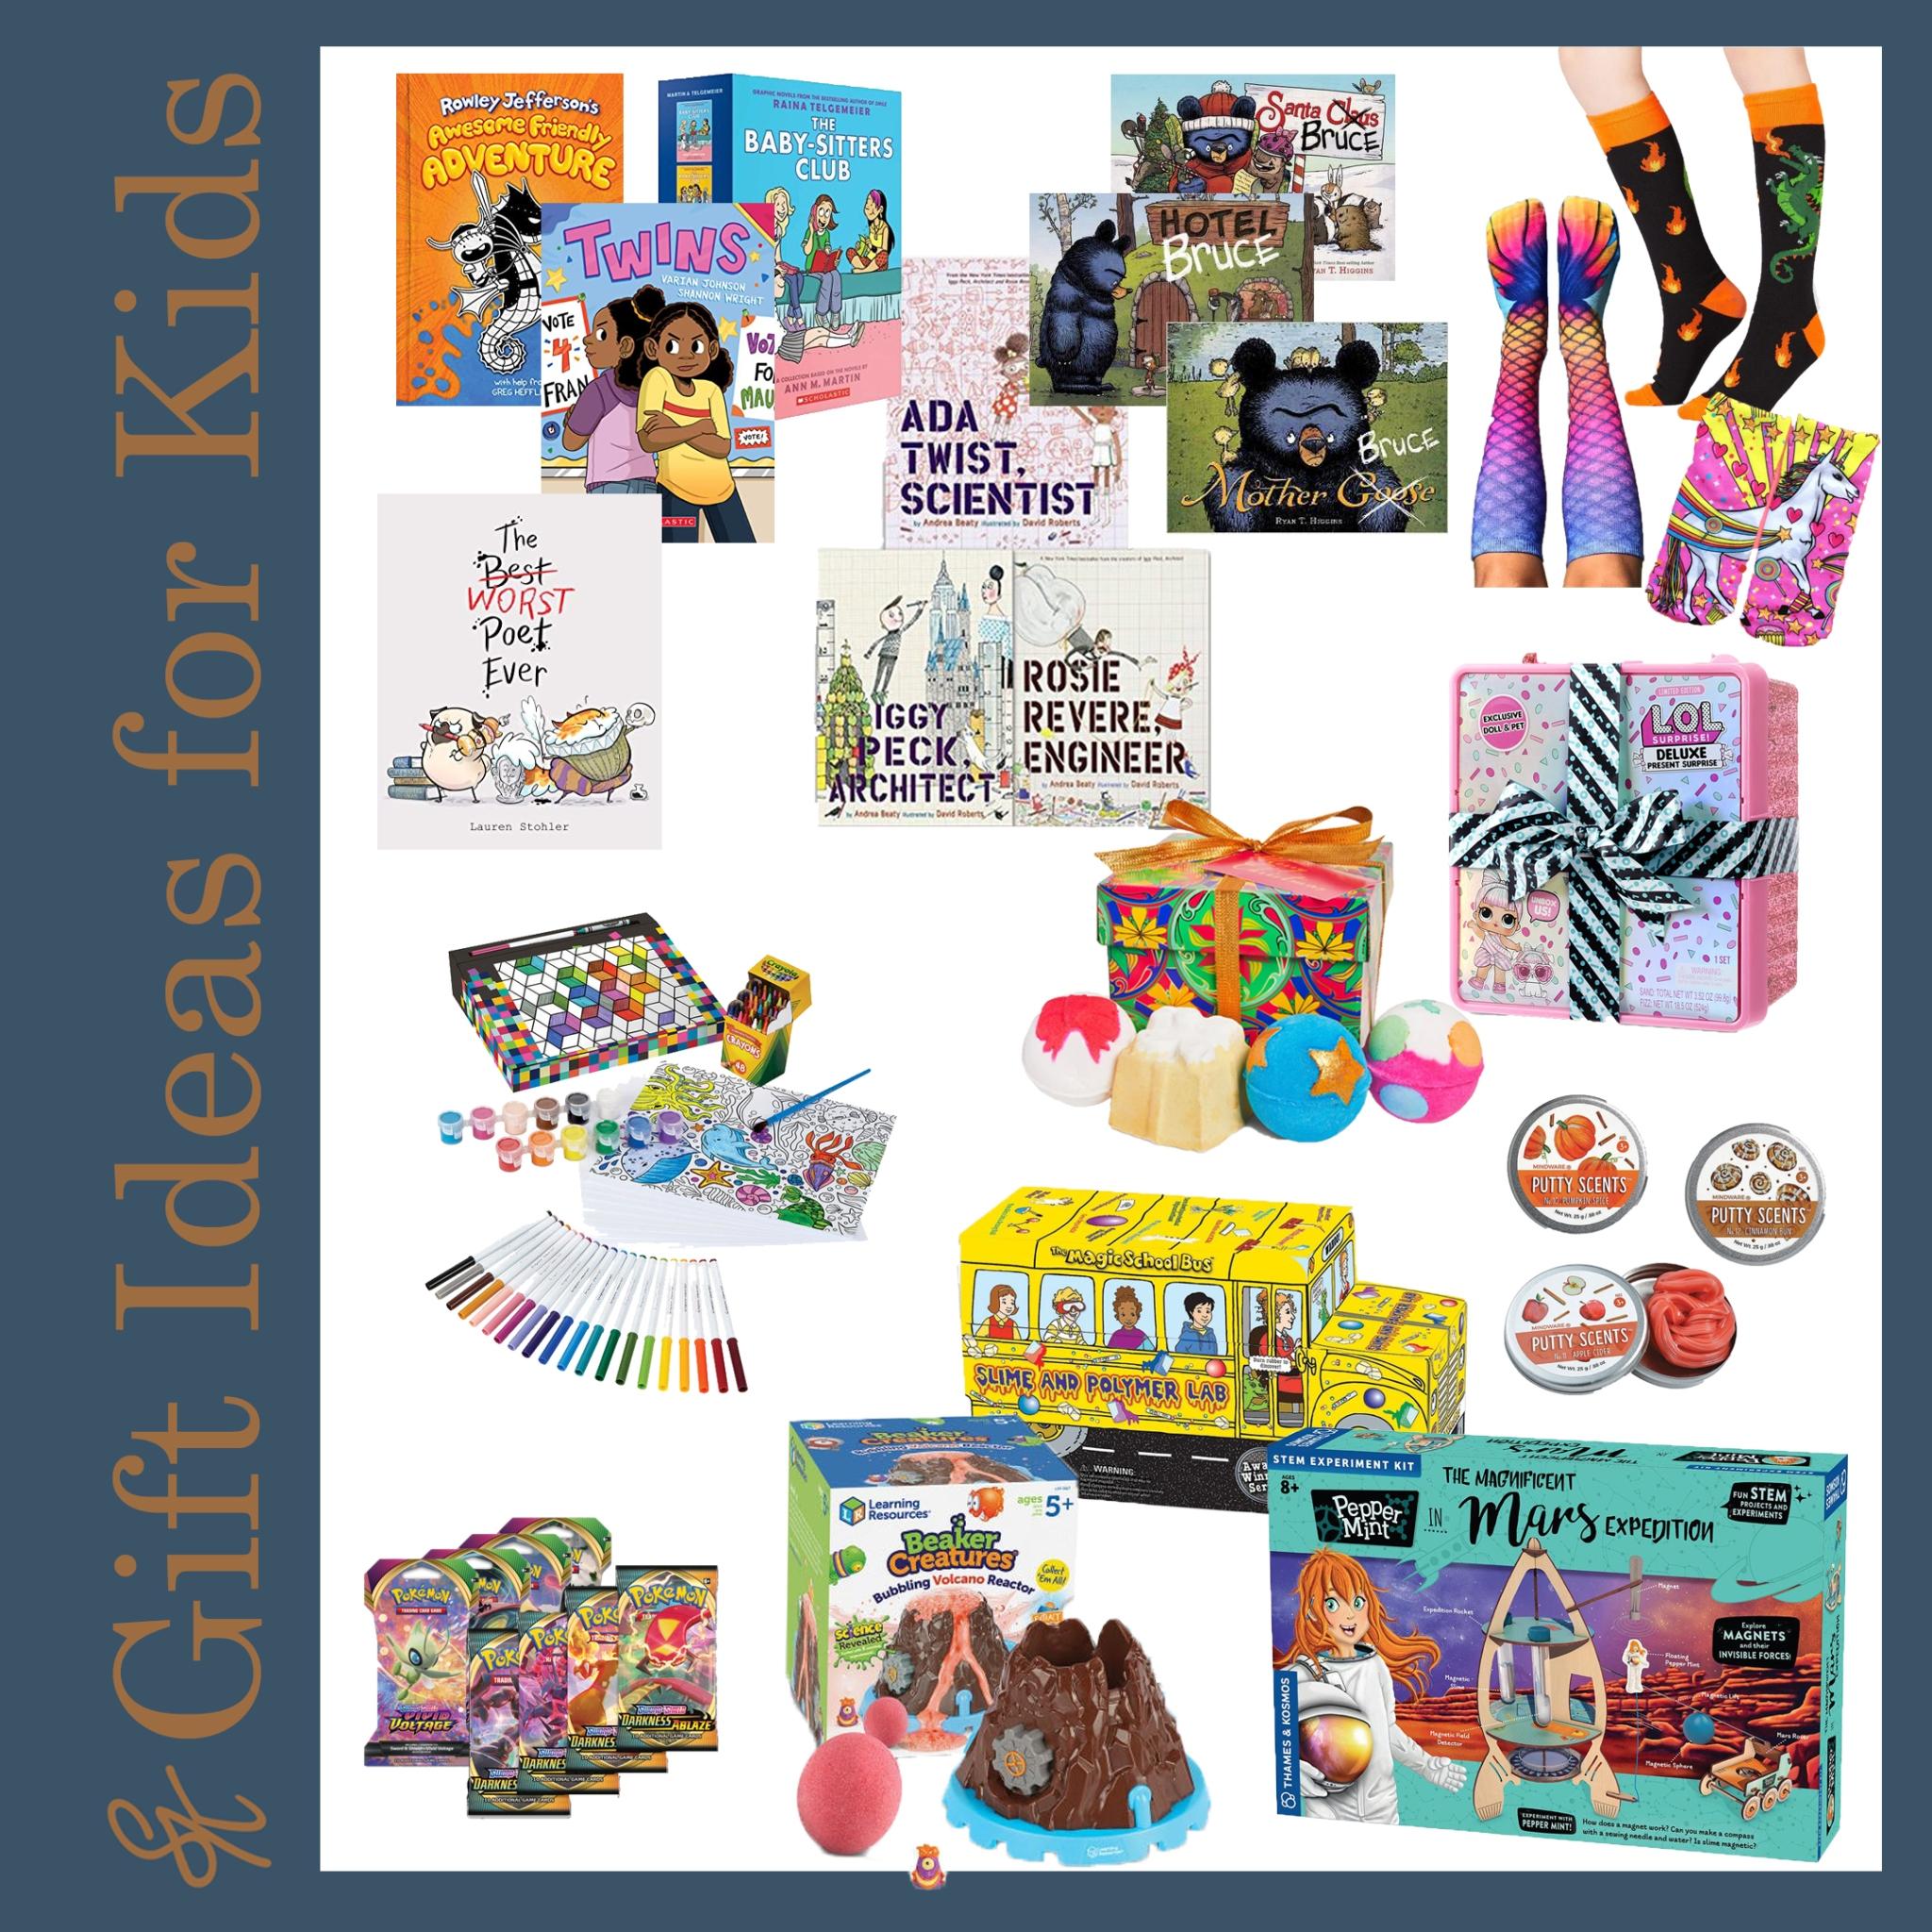 SK Gift Ideas for Kids